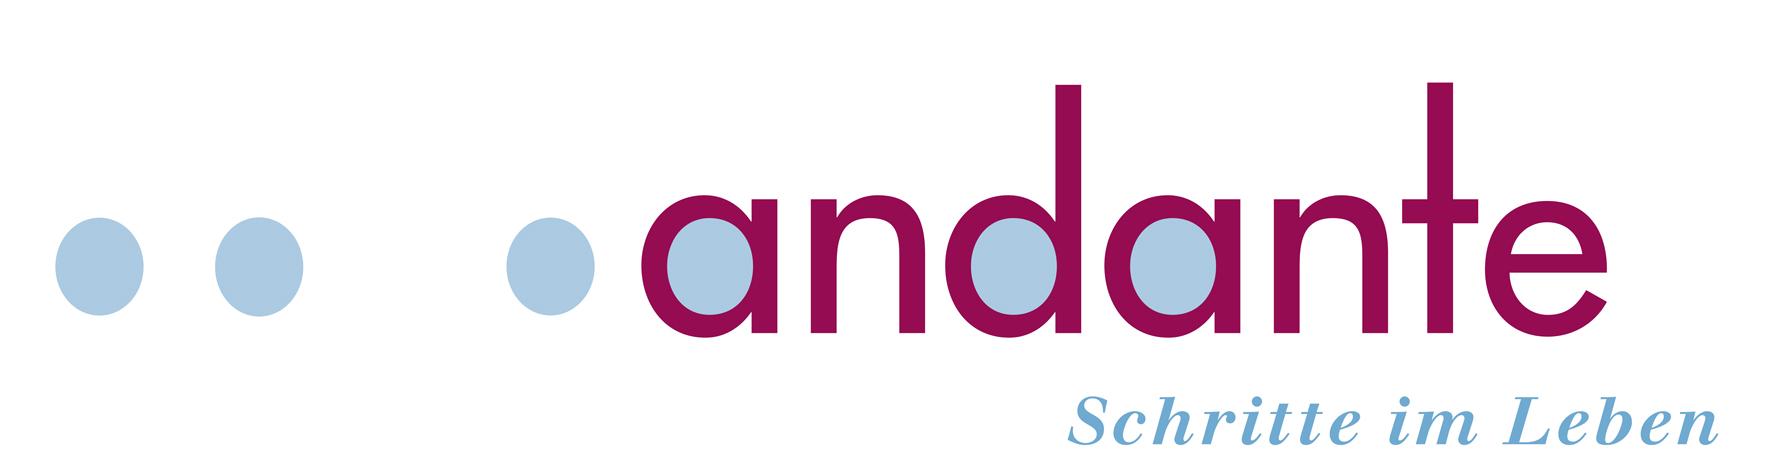 Logo der Andante Stiftung